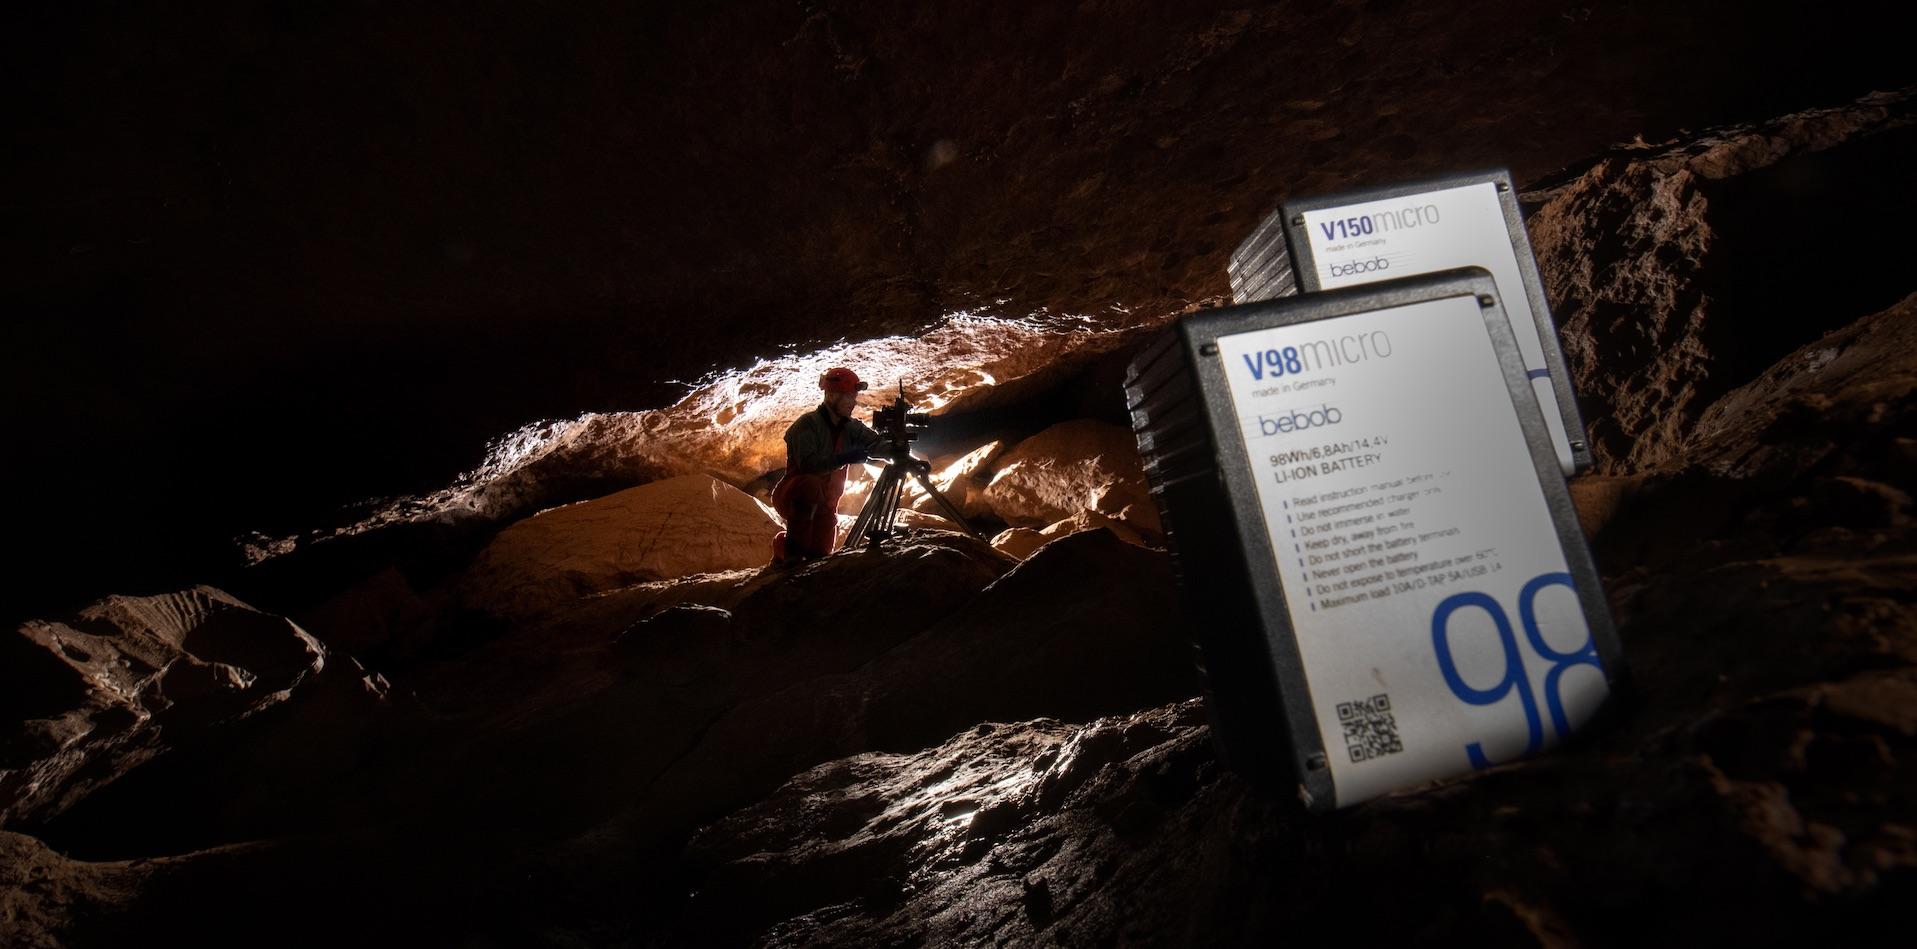 Zuverlässig in Extremsituationen: bebob Vmicros im Einsatz für National Geographic